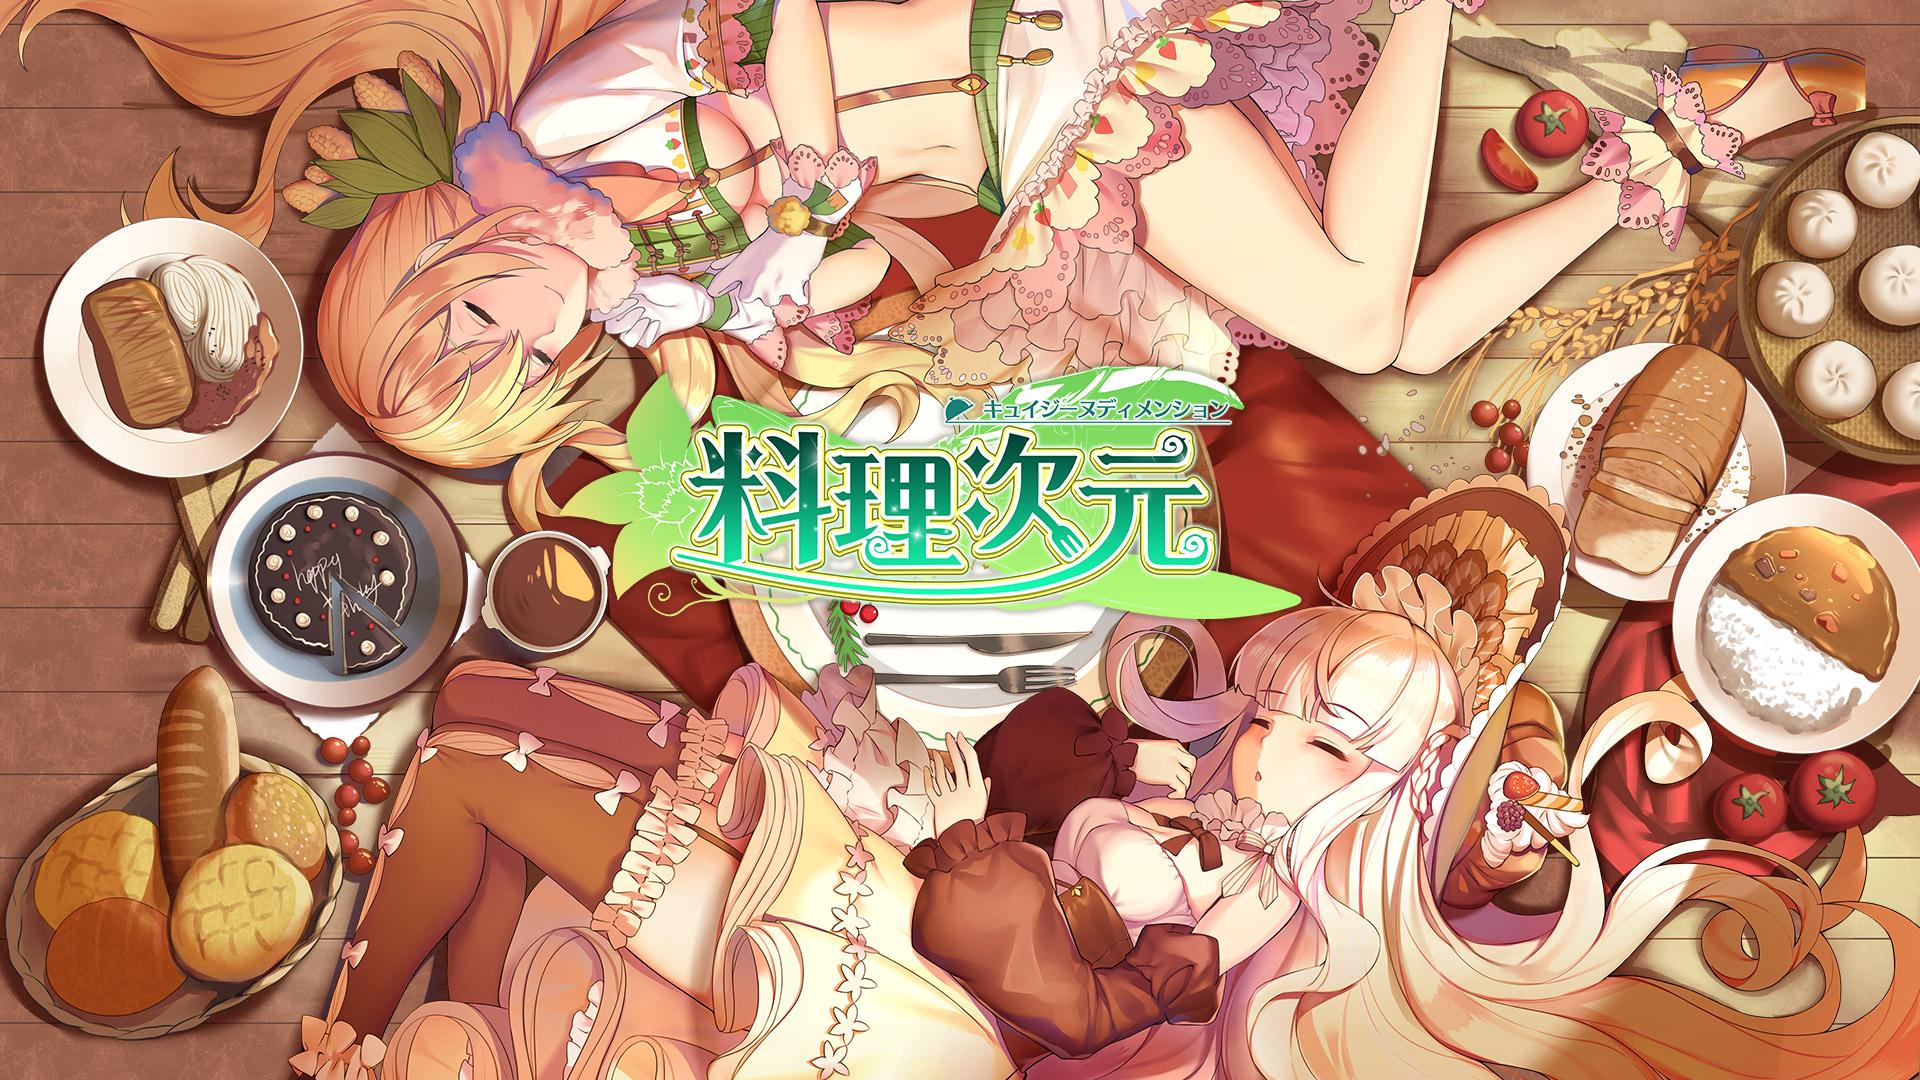 奇幻美食RPG冒險手遊《料理次元》台港澳代理權確定 揭幕宏大劇情世界觀 與異國美食萌娘一同啟動異次元冒險